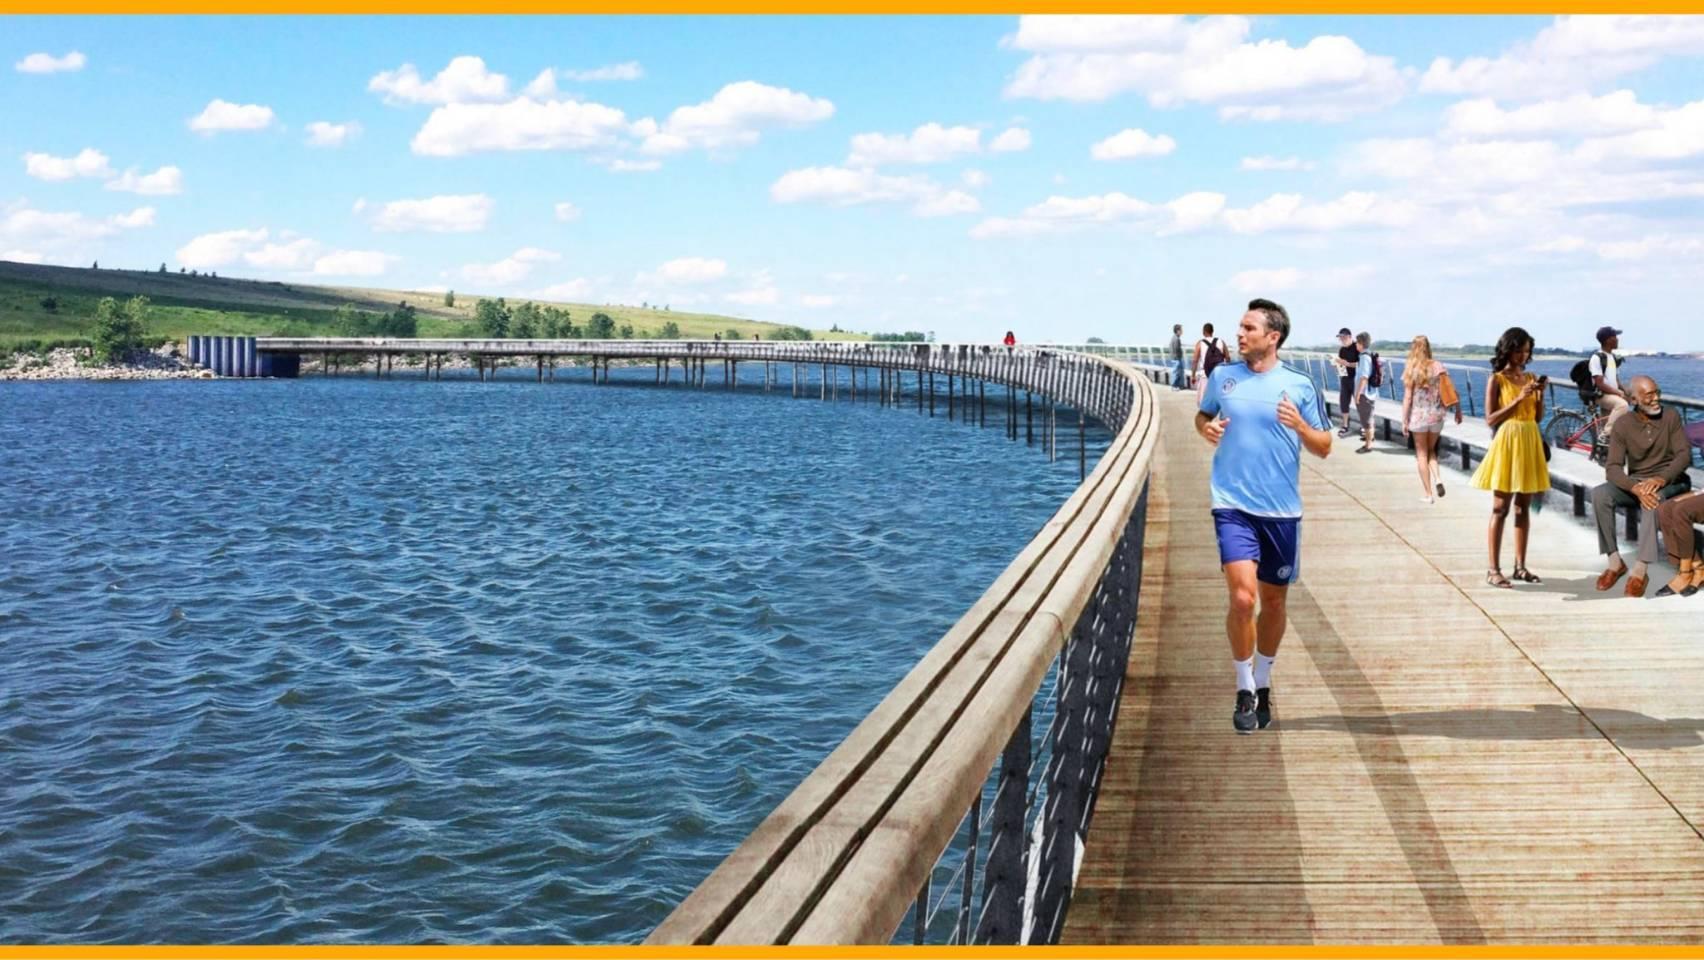 ニューヨークの新設公園写真にジョギングするランパード?